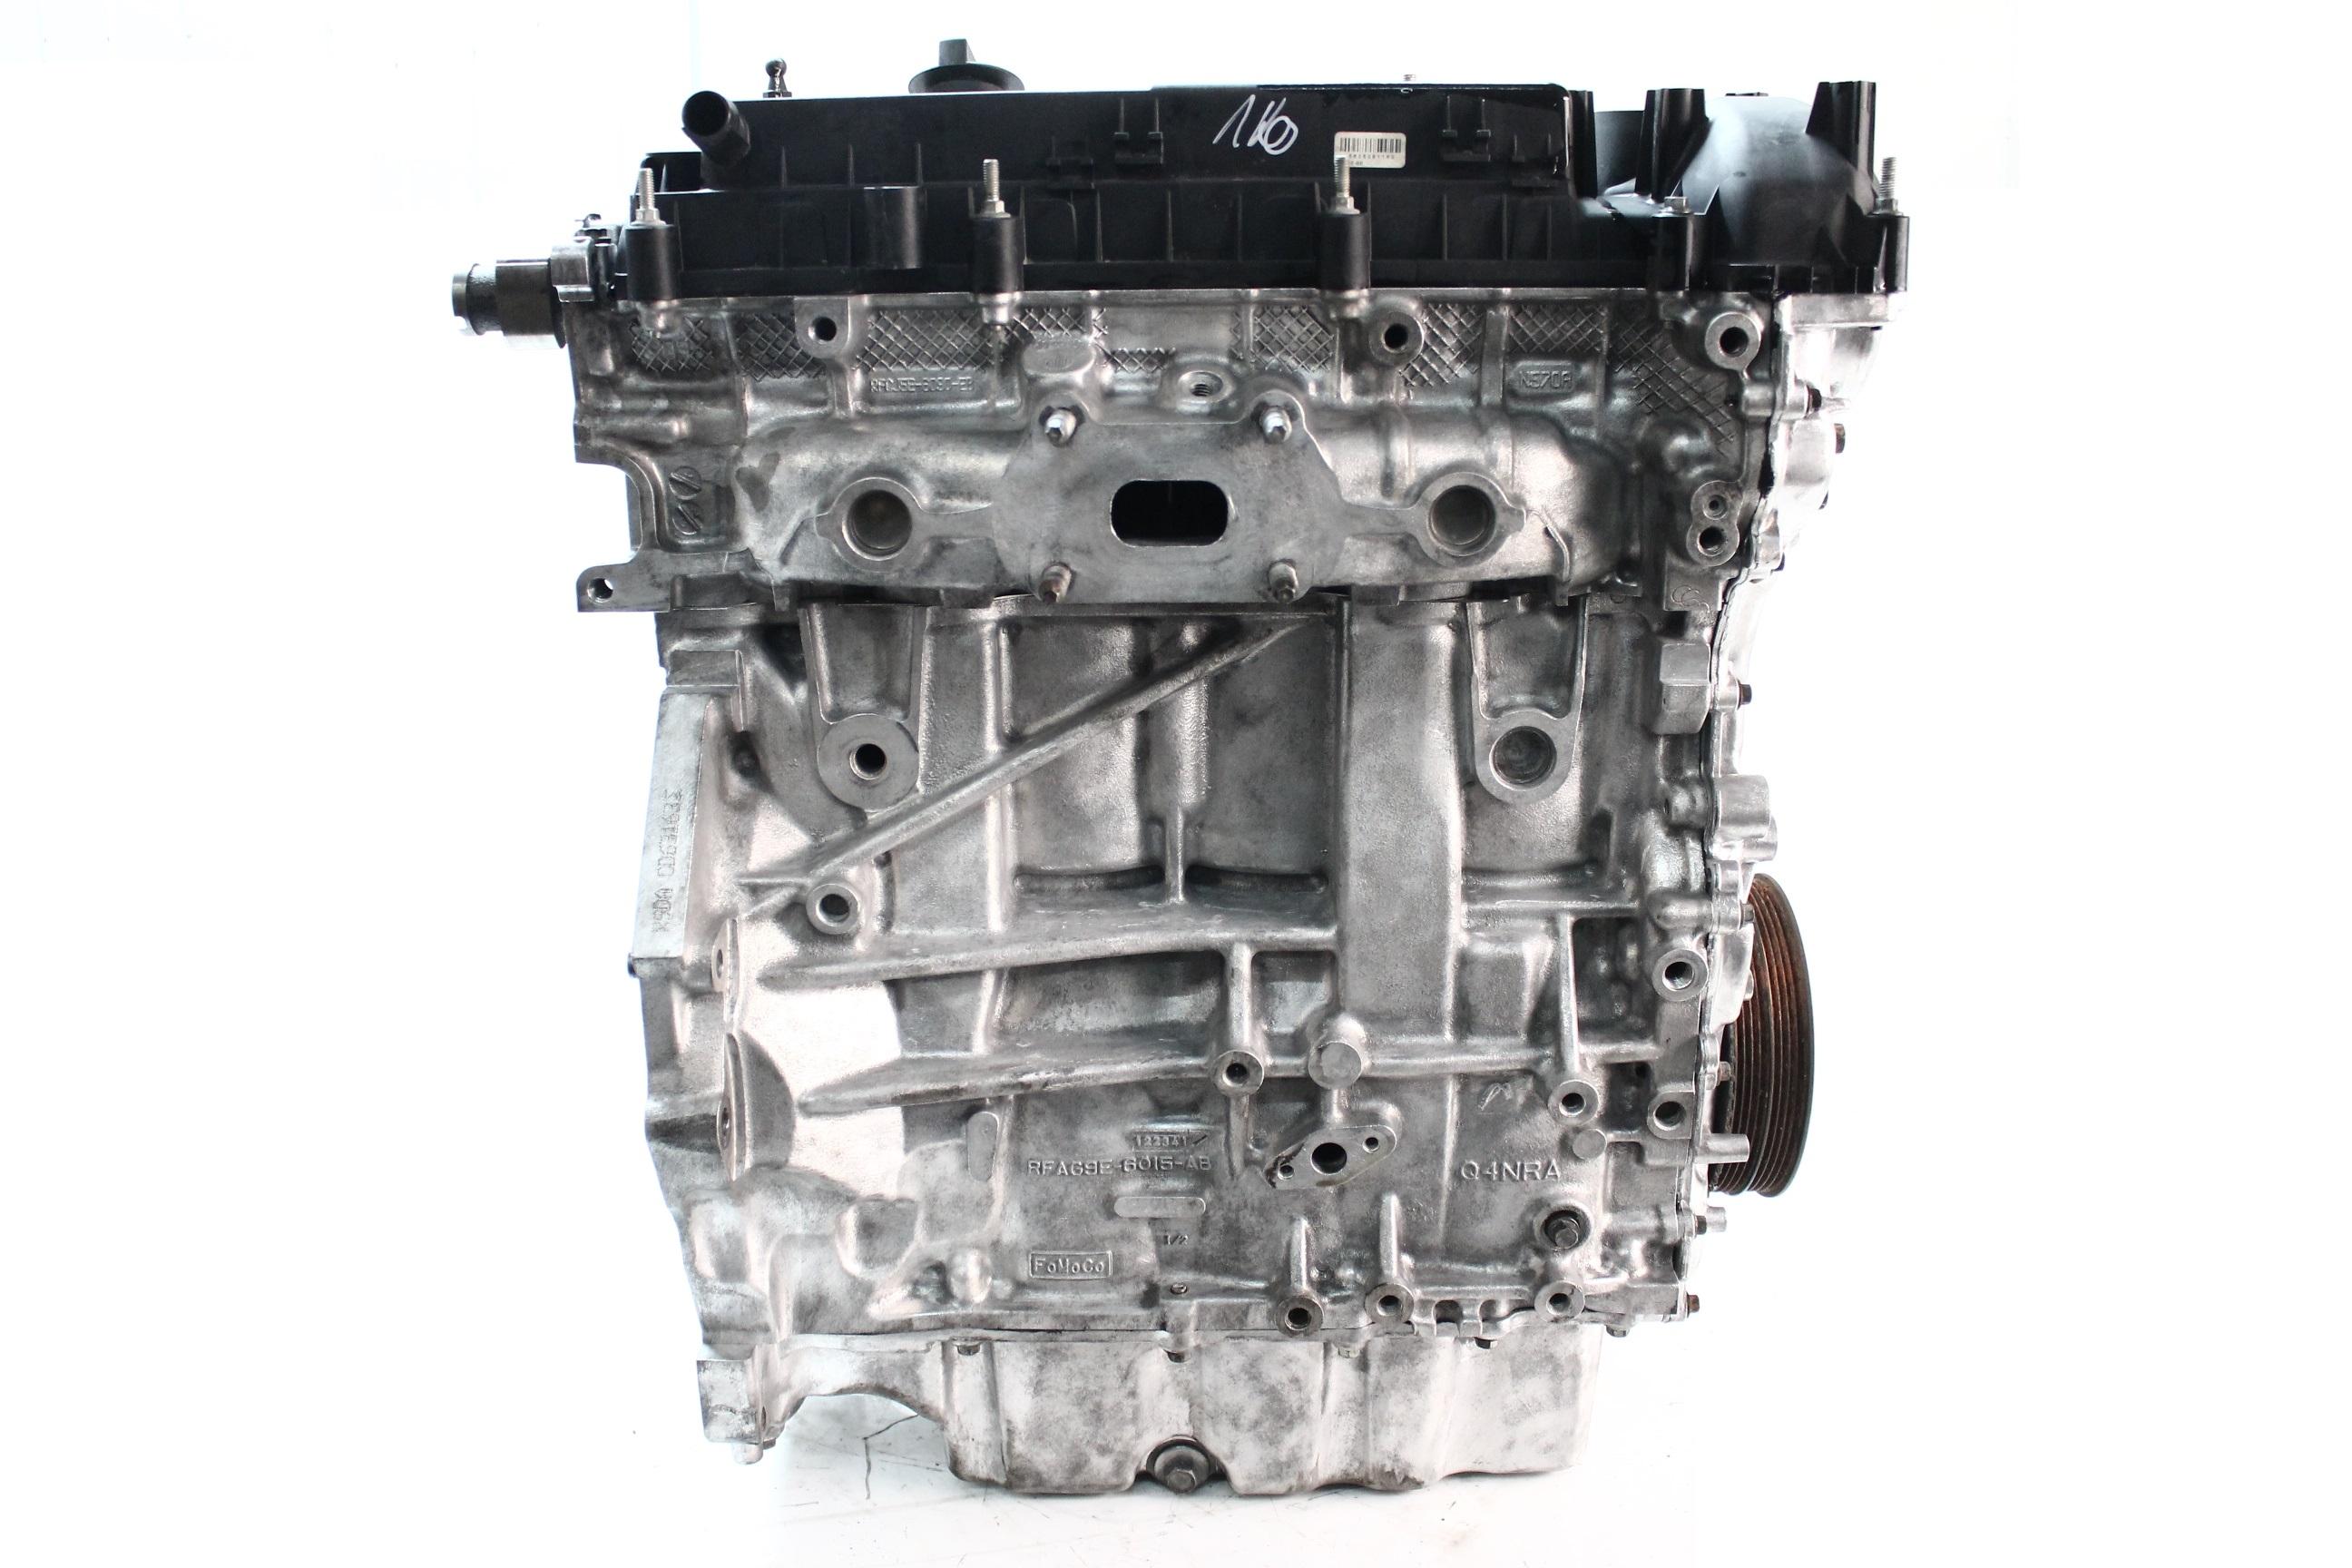 Motor 2014 Ford 2,0 ST R9DA 250 PS